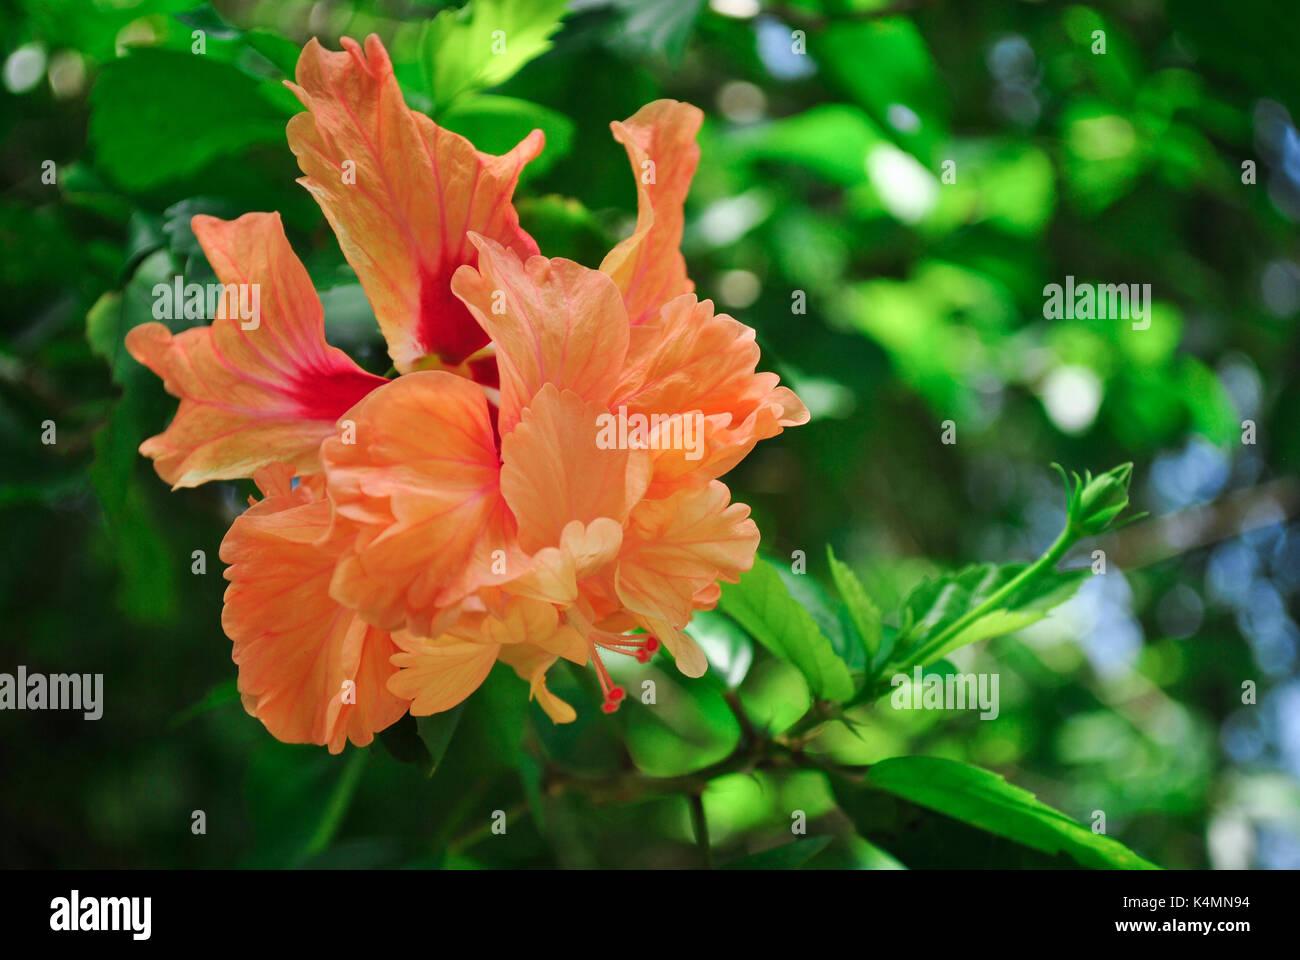 Peach Hibiscus Stock Photos & Peach Hibiscus Stock Images - Alamy